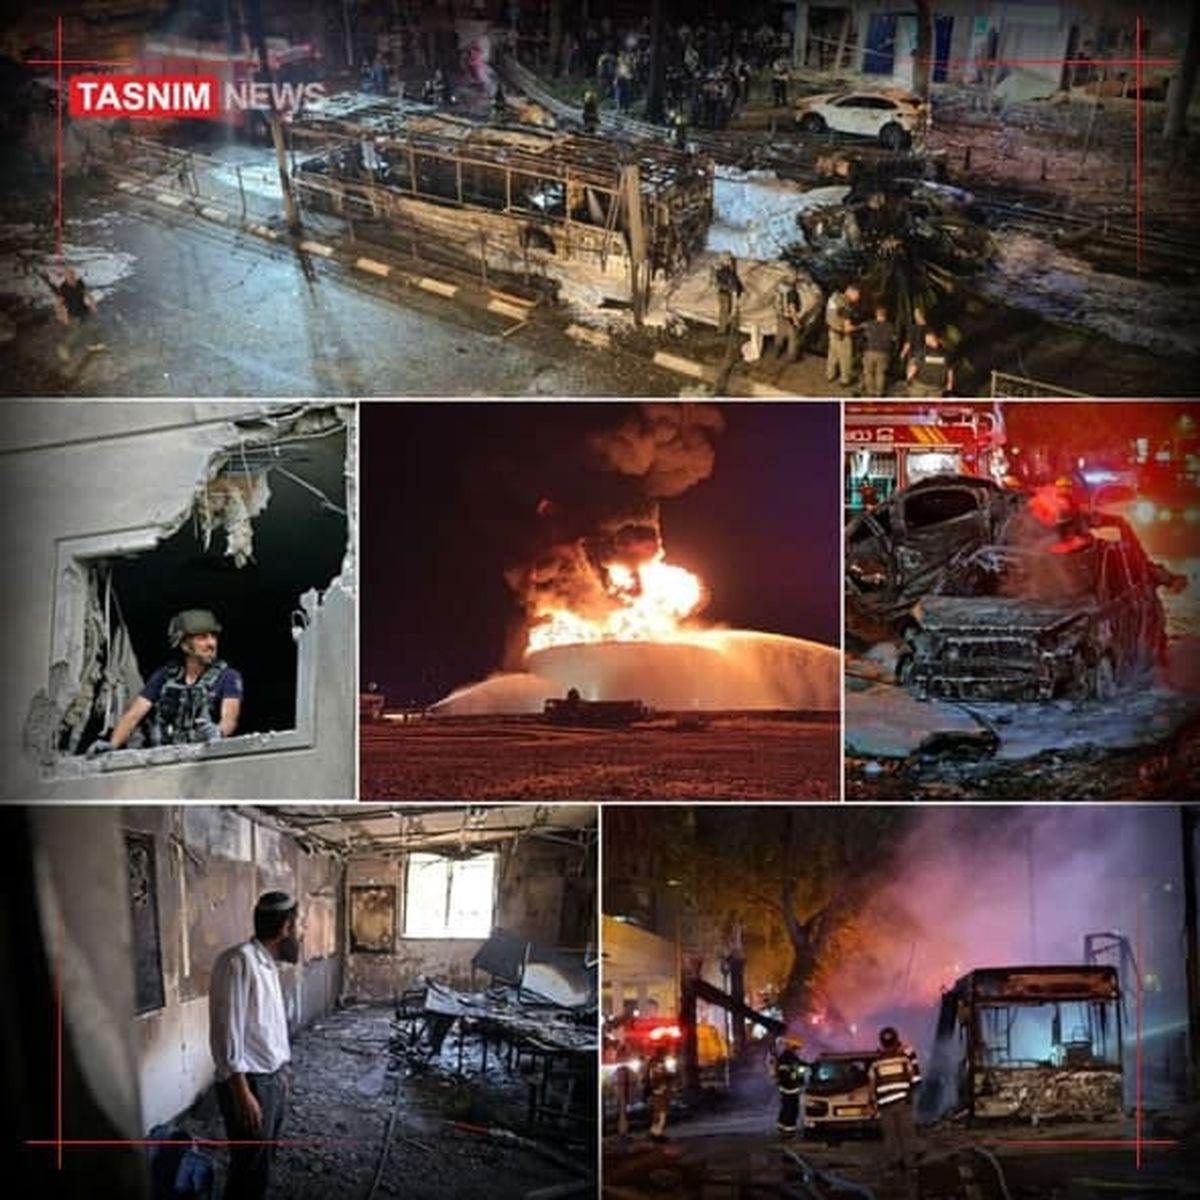 روزنامه صهیونیستی: آنچه دیشب رخ داد، یک دهم قدرت حزبالله بود